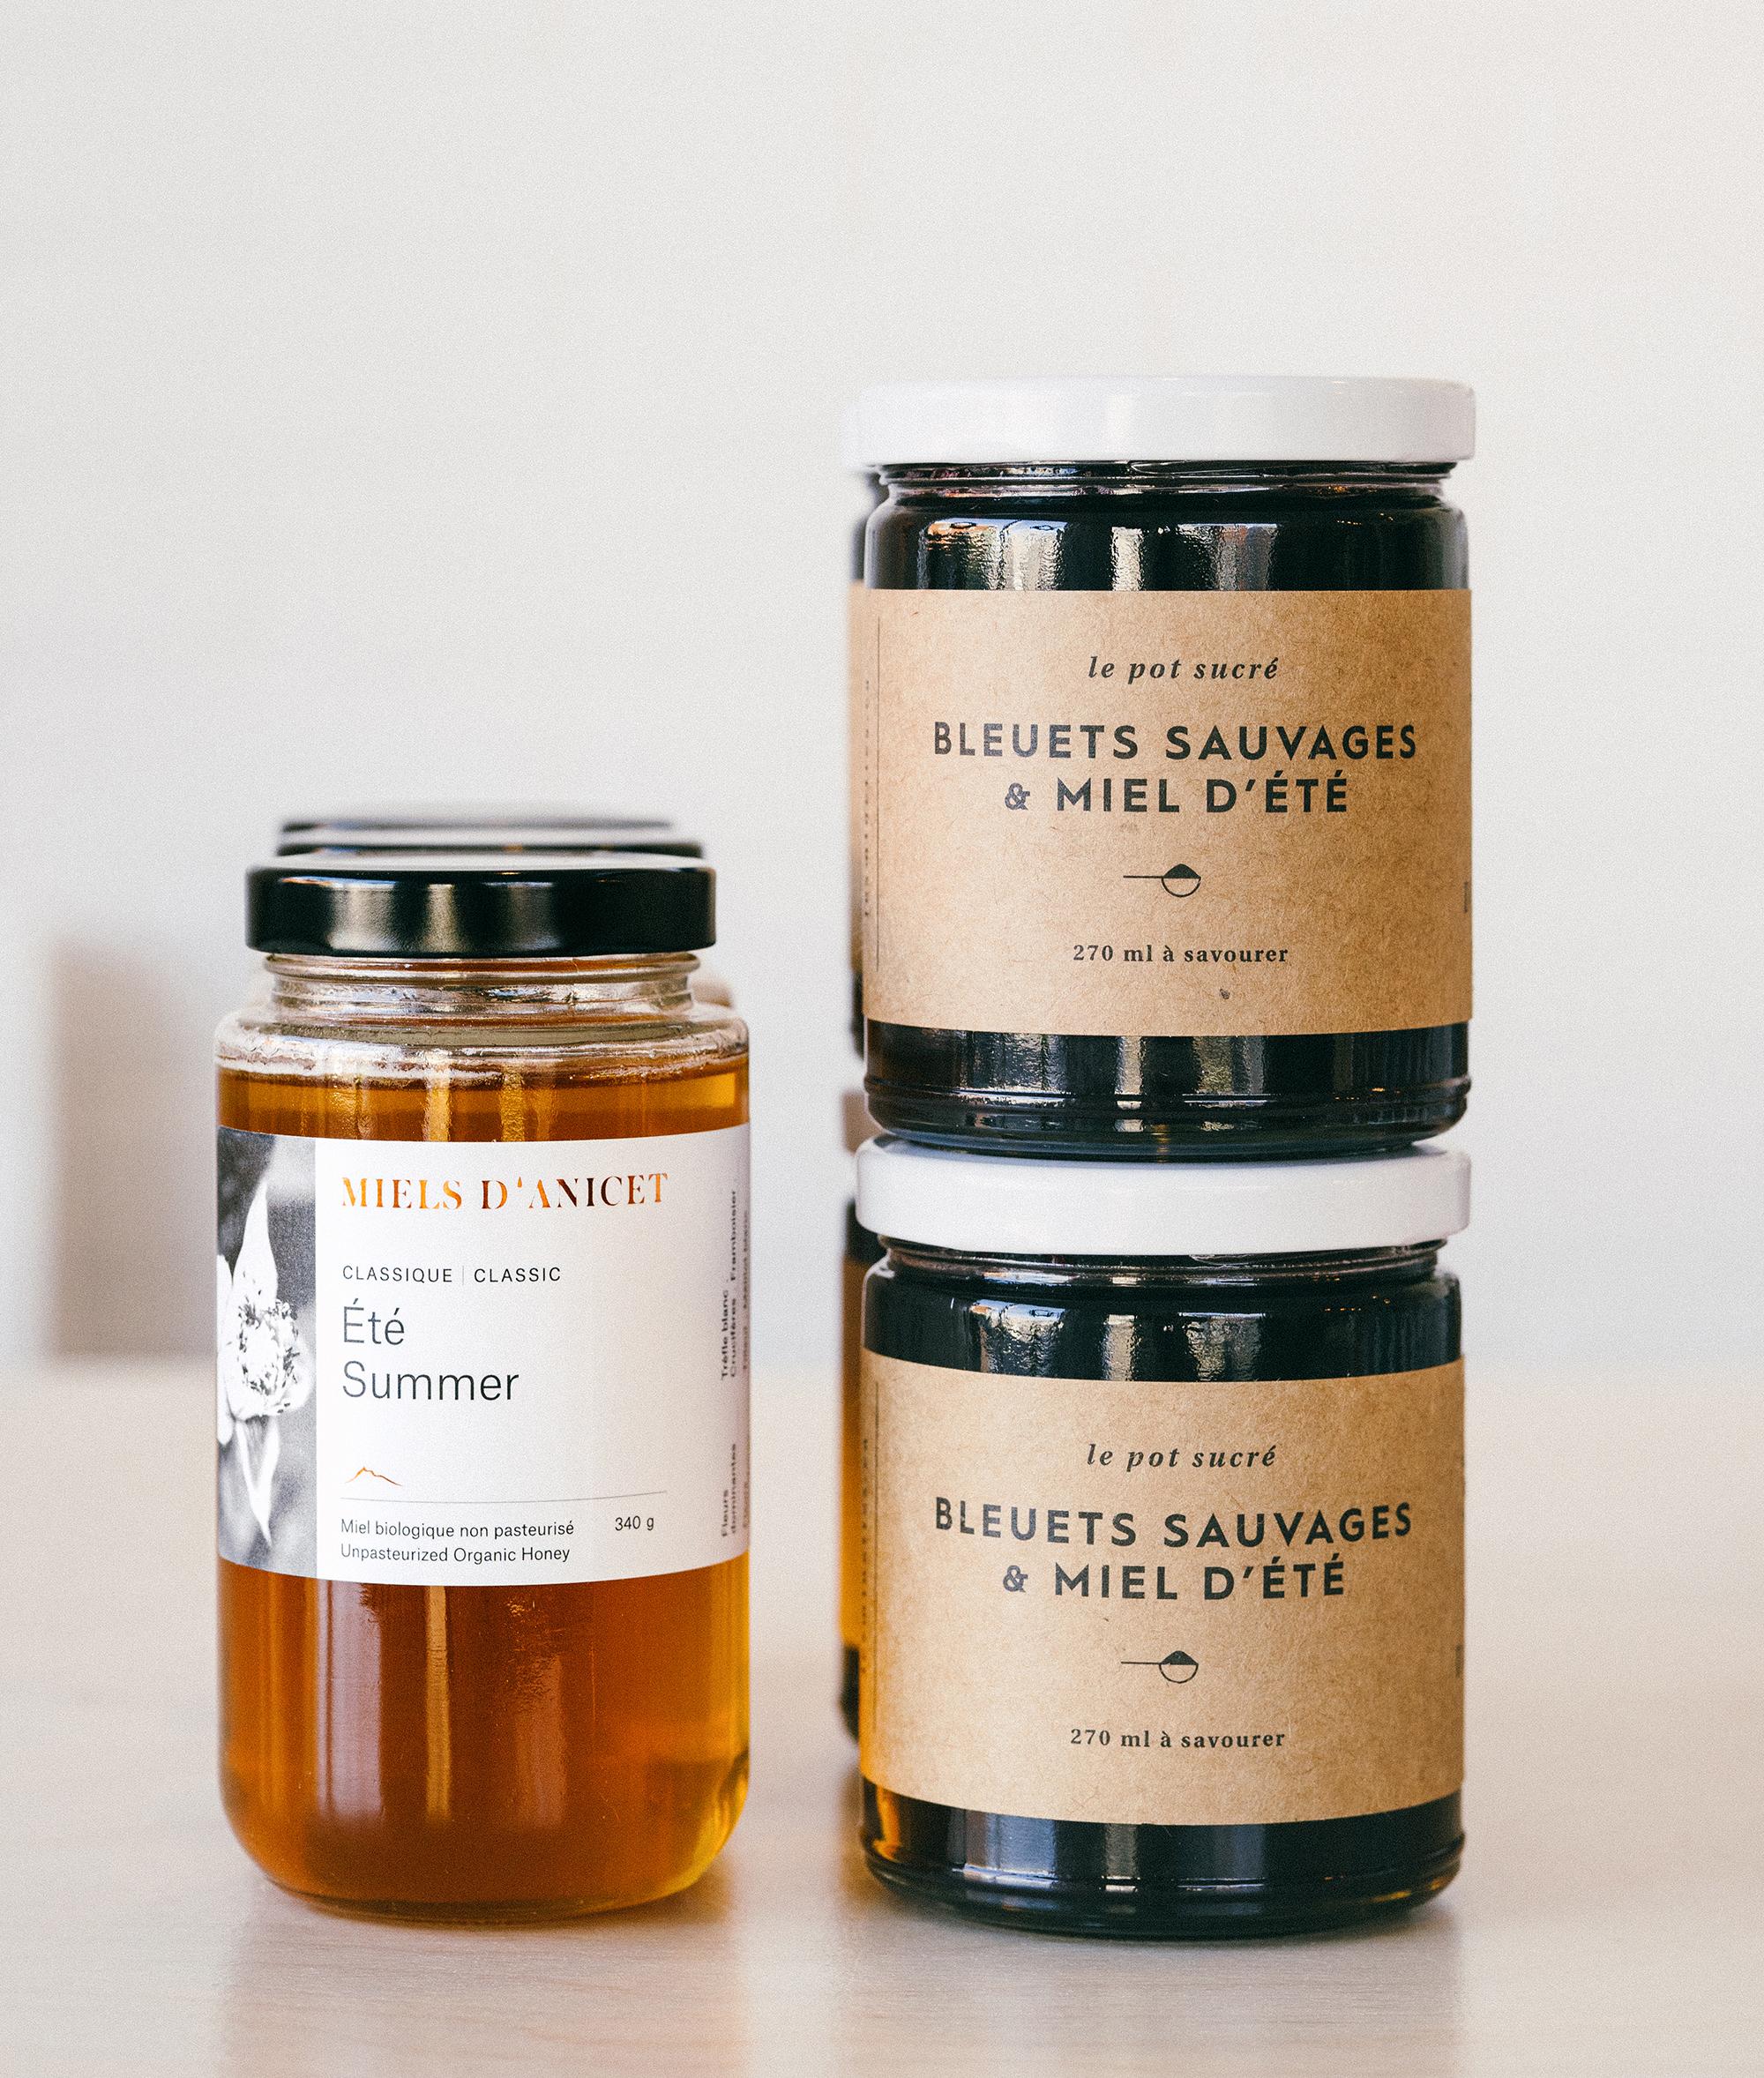 Les minettes, confitures, miel